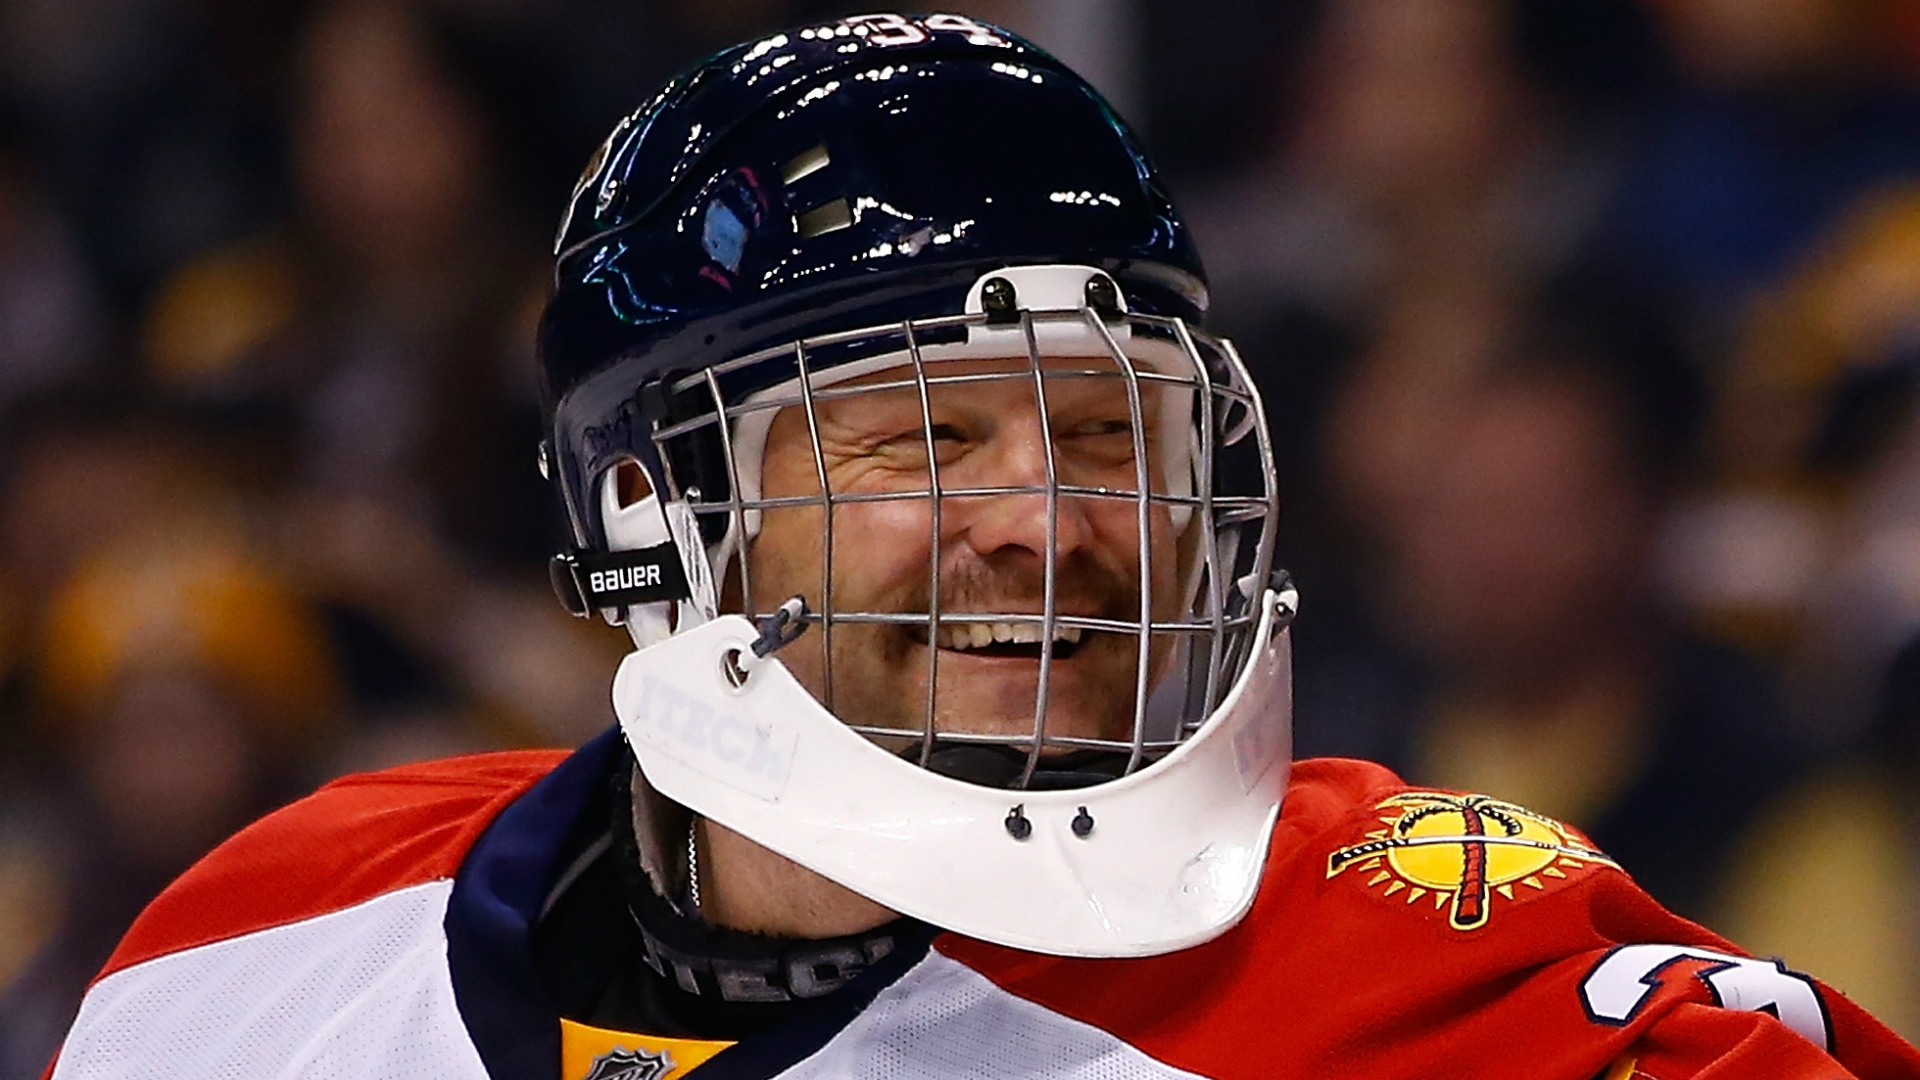 El ex portero de la NHL Tim Thomas dice que las conmociones cerebrales 'cambiaron mi vida' 9